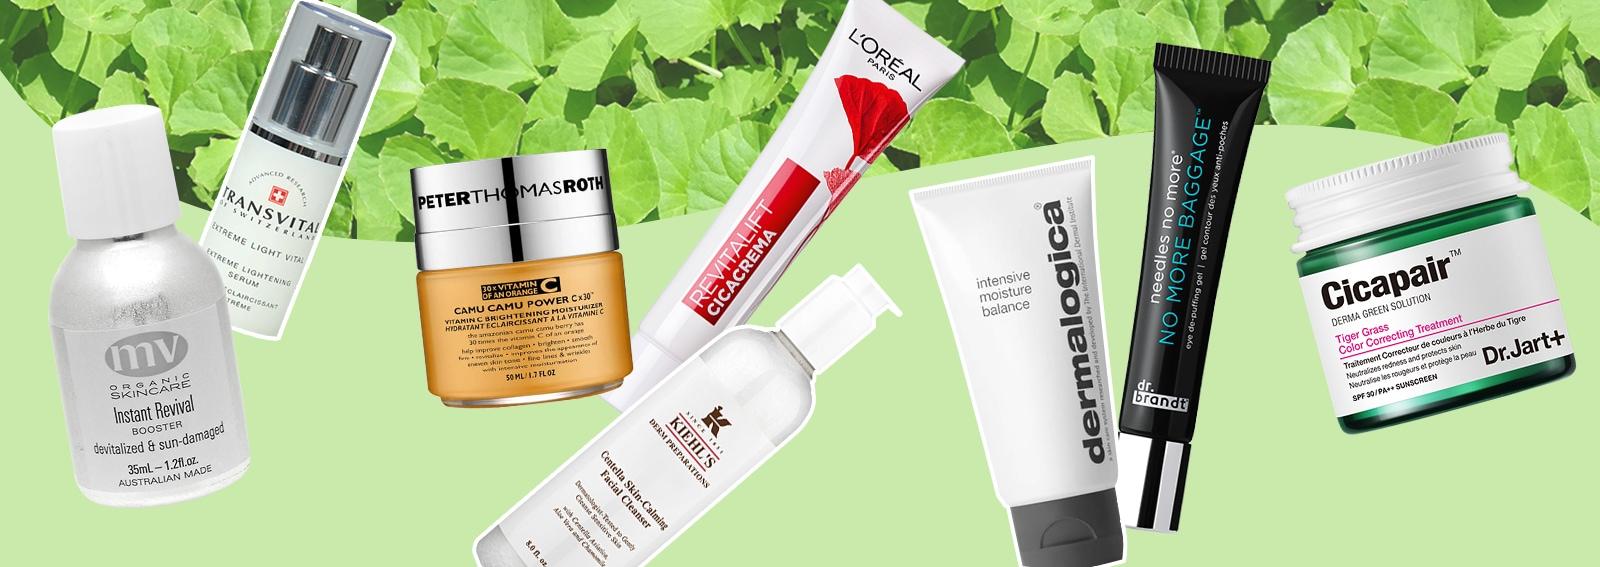 Centella asiatica: la nuova tendenza per la cura della pelle del viso